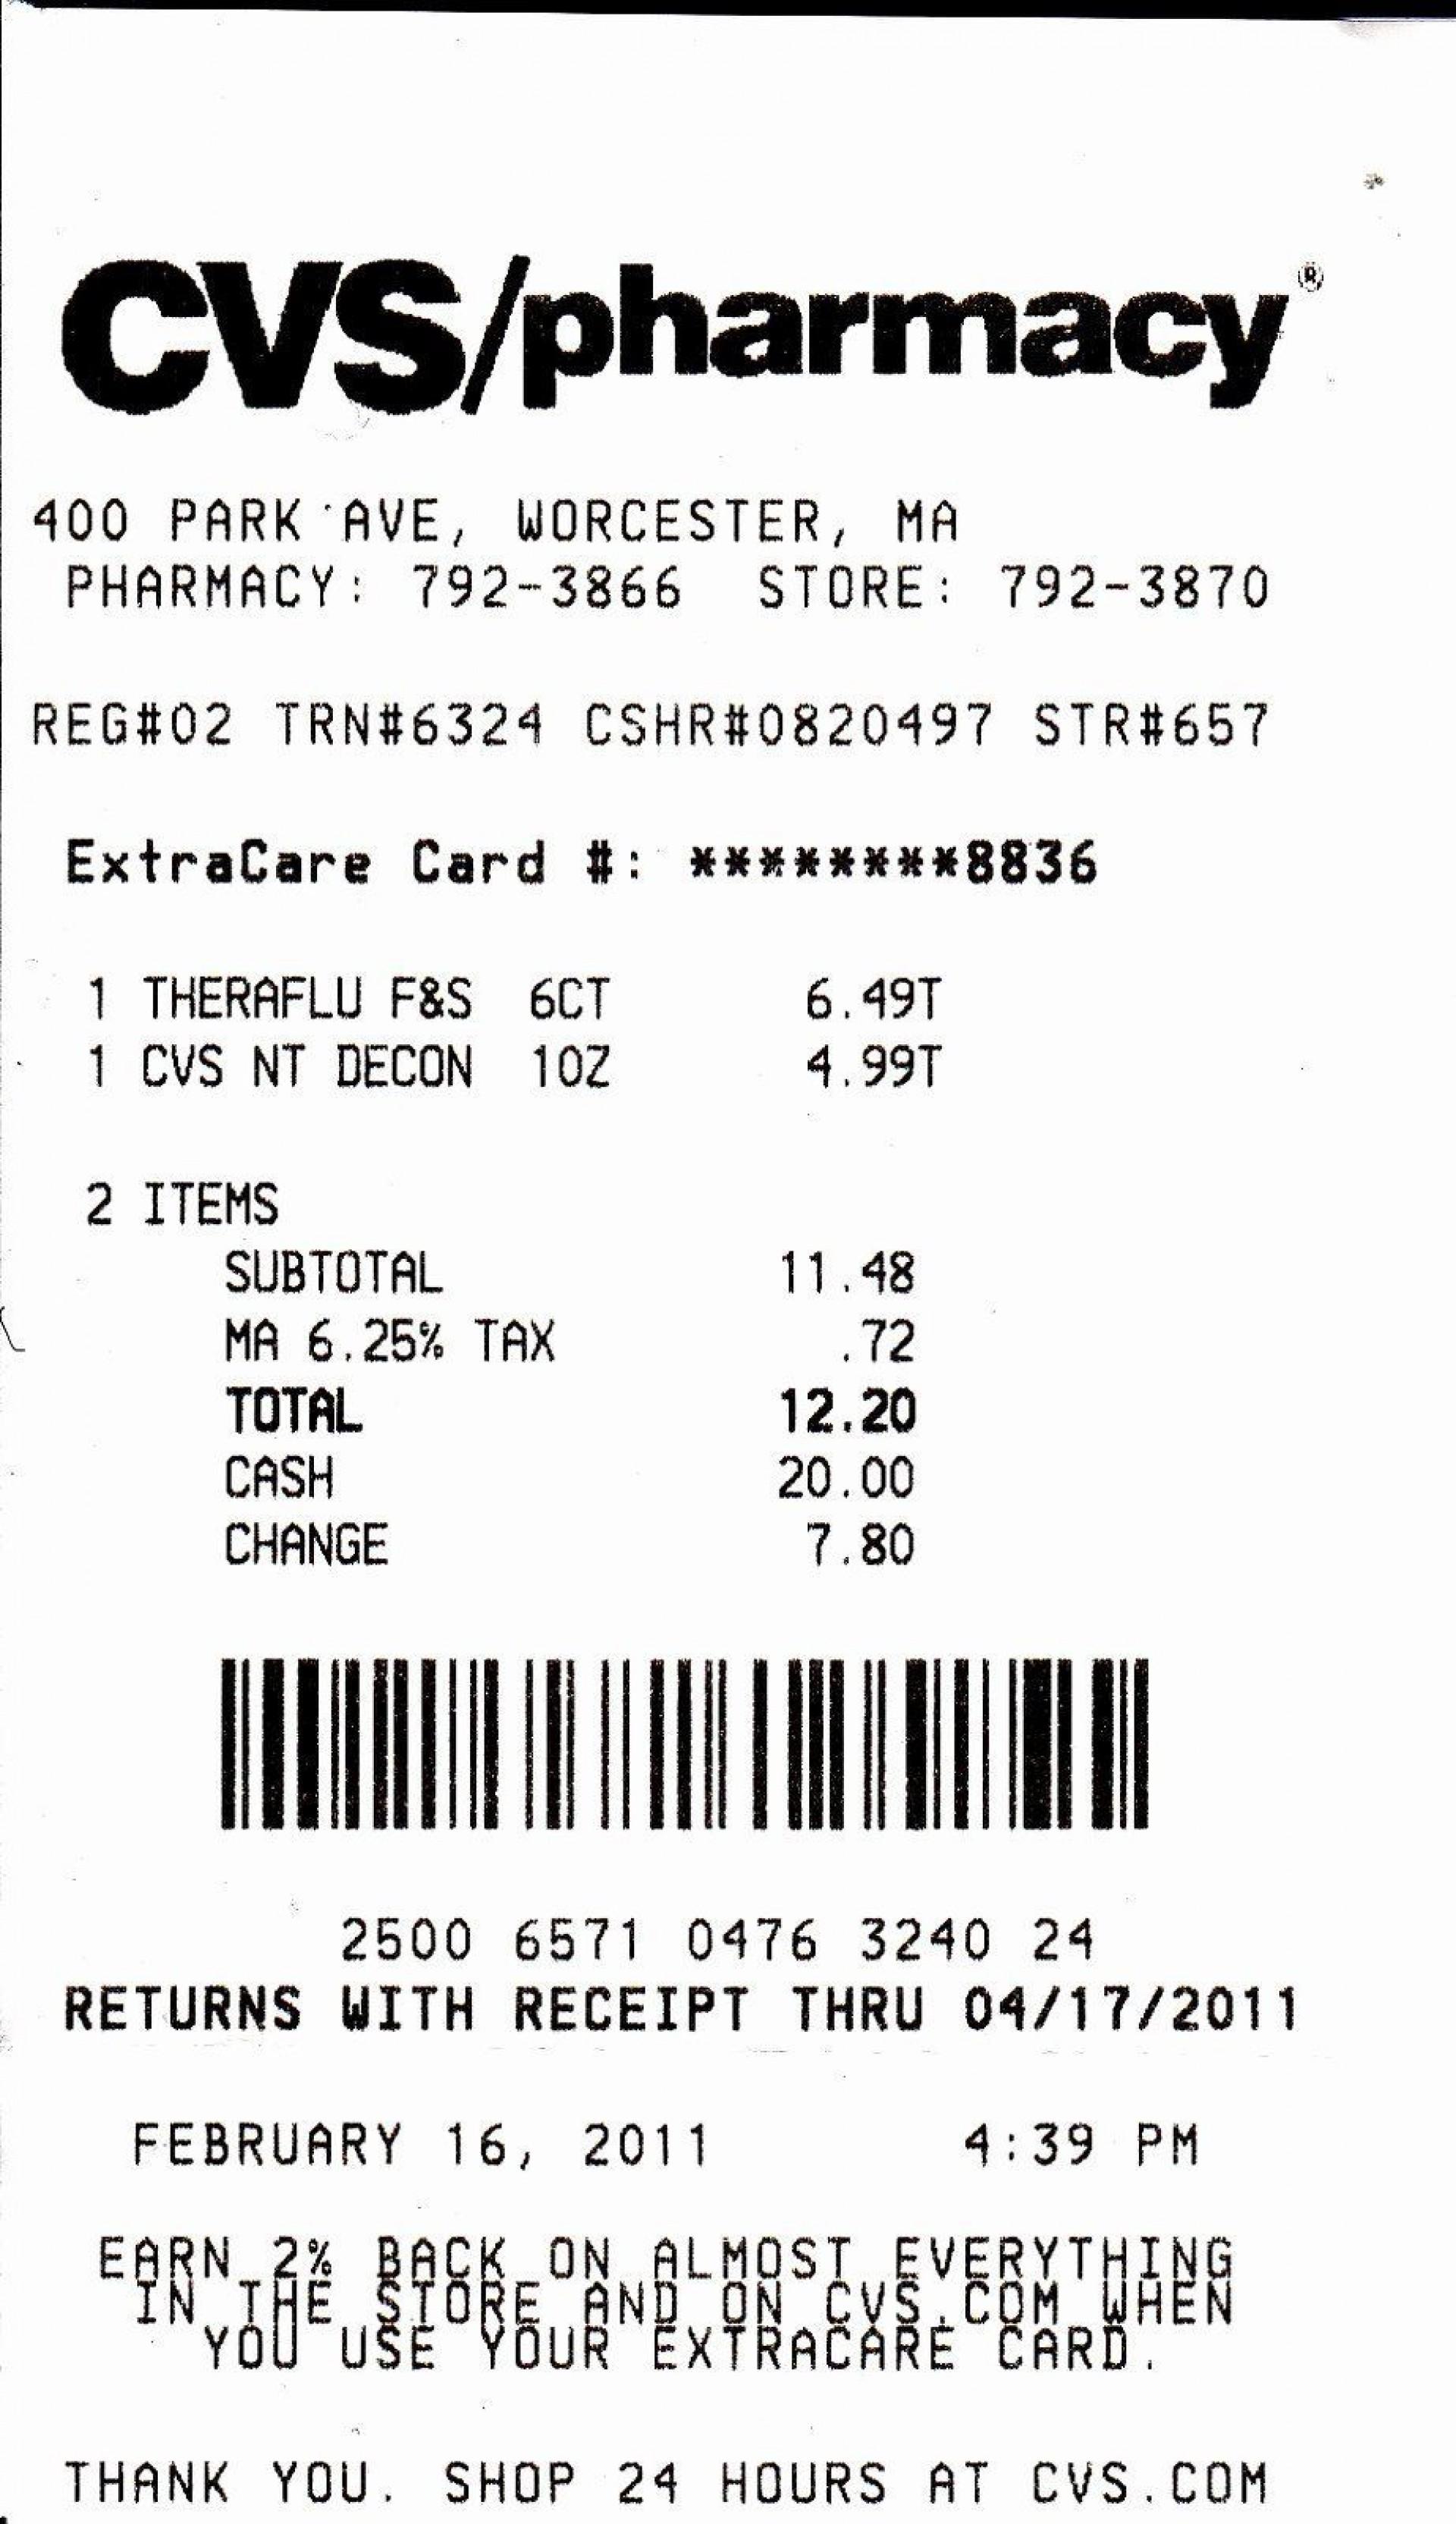 002 Fearsome Fake Prescription Bottle Label Template Picture 1920